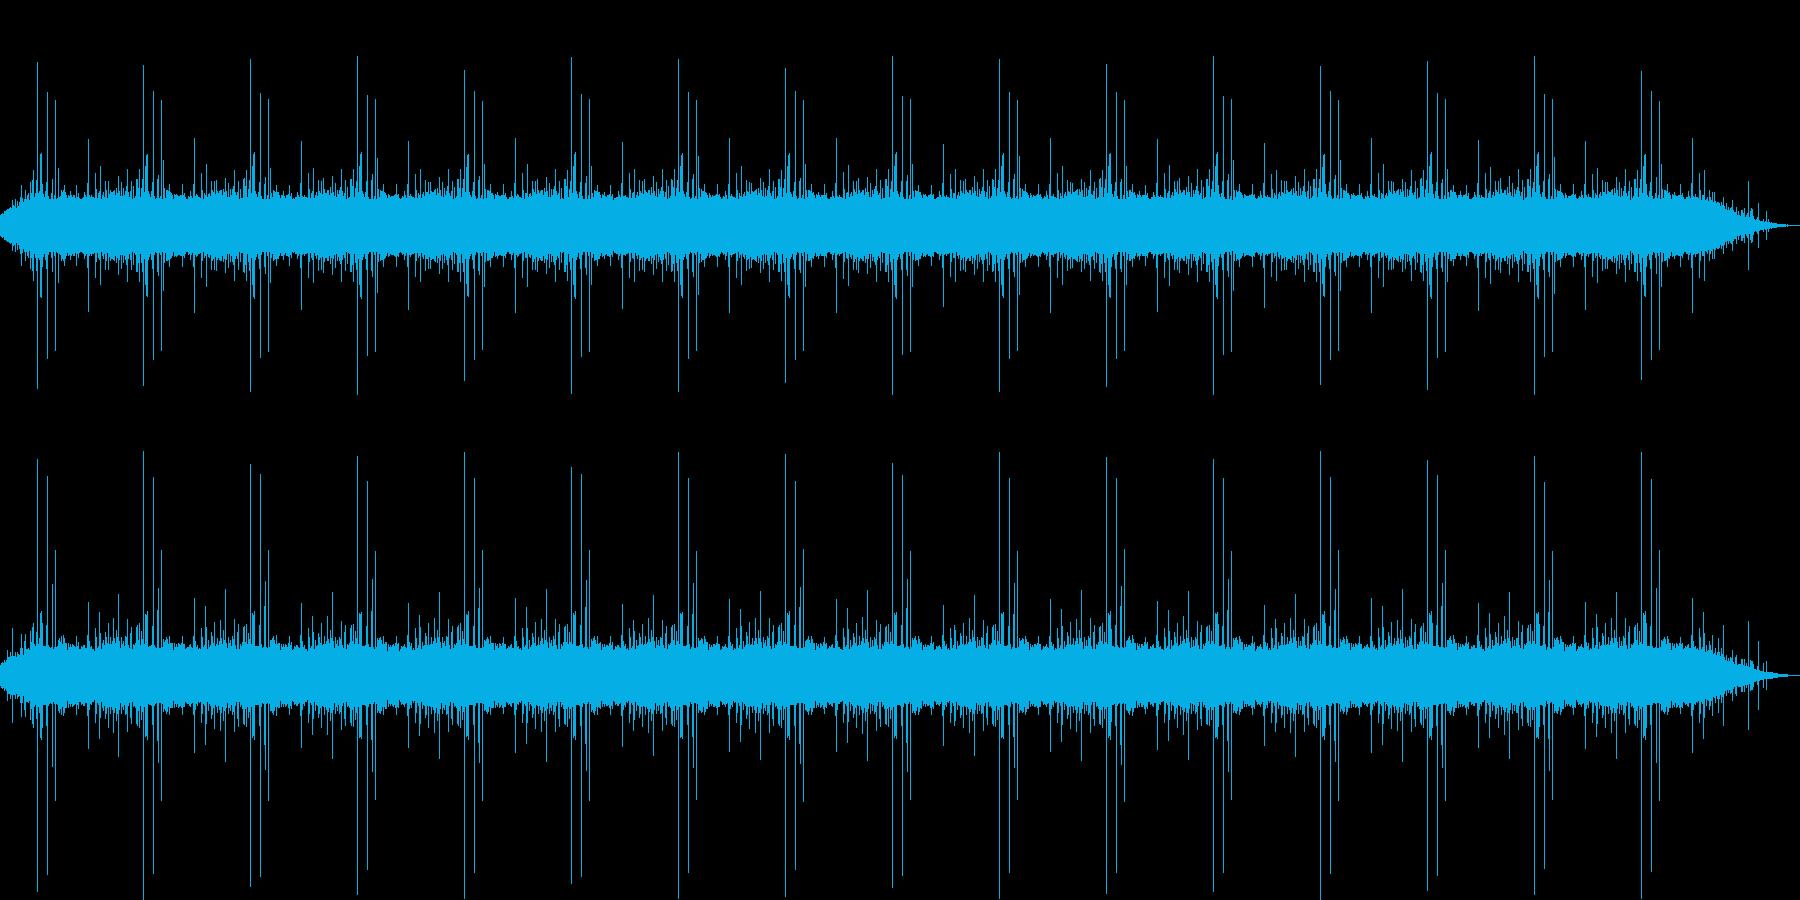 湖のほとりでレコーディングされた自然音の再生済みの波形